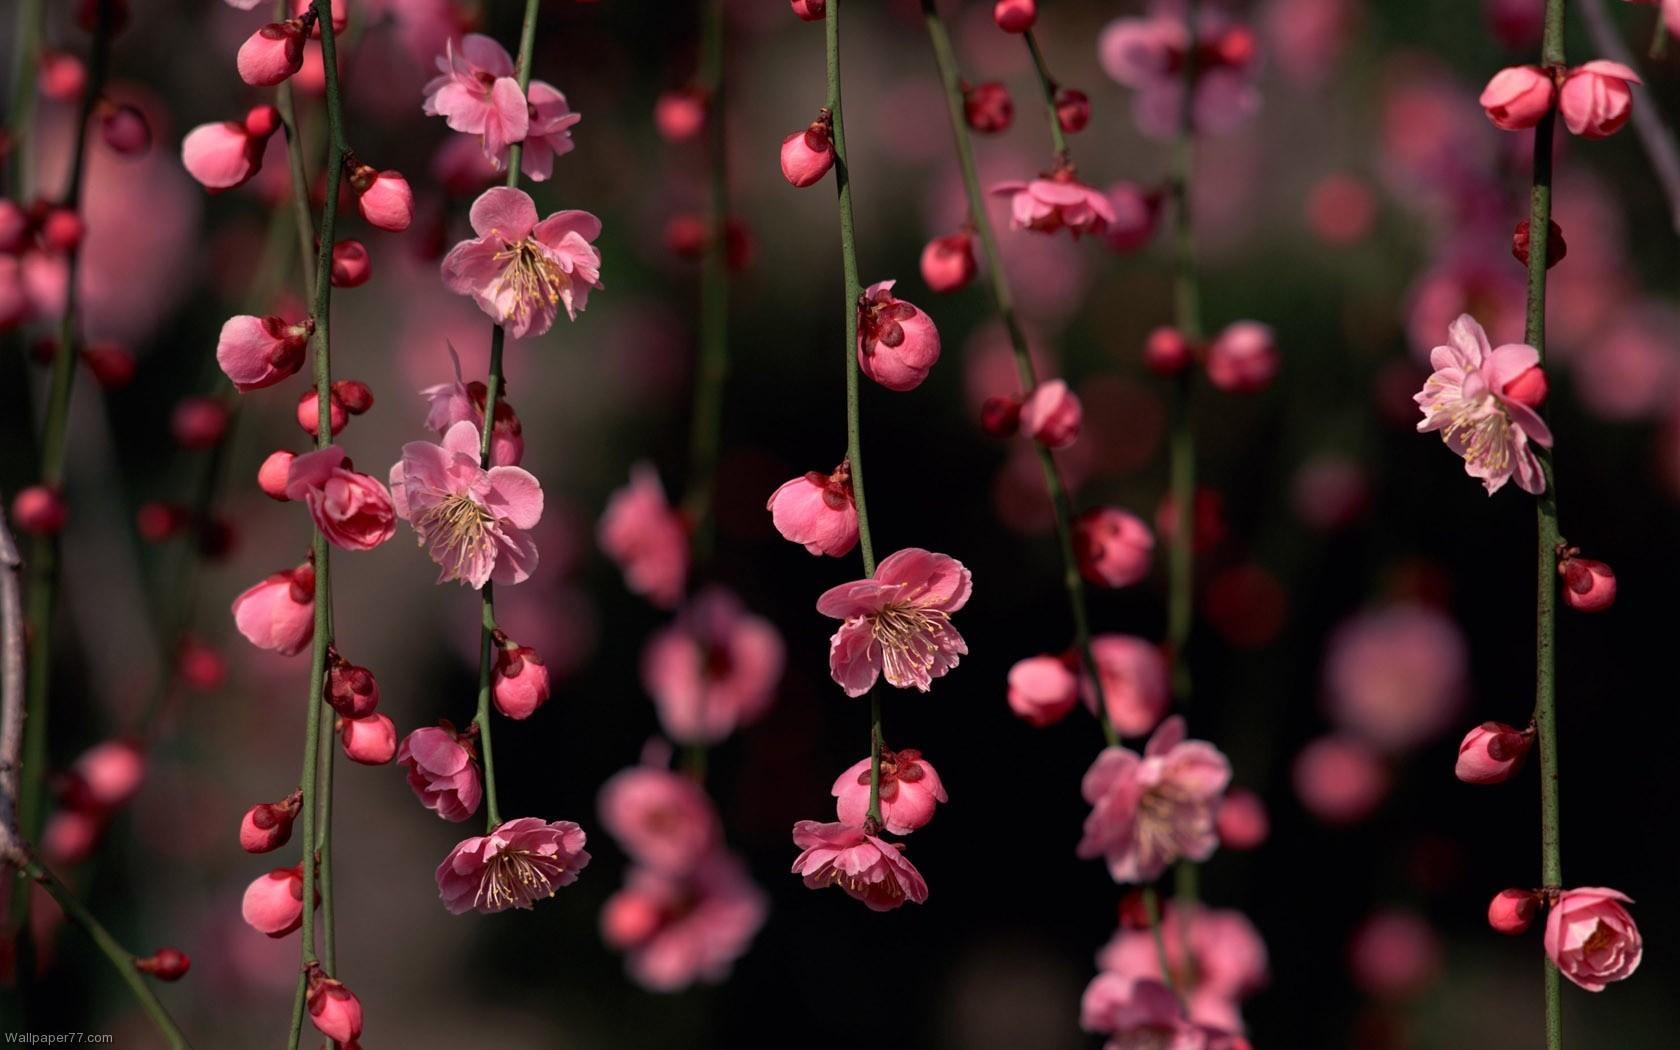 Hd Flower Desktop Wallpaper Wallpapersafari